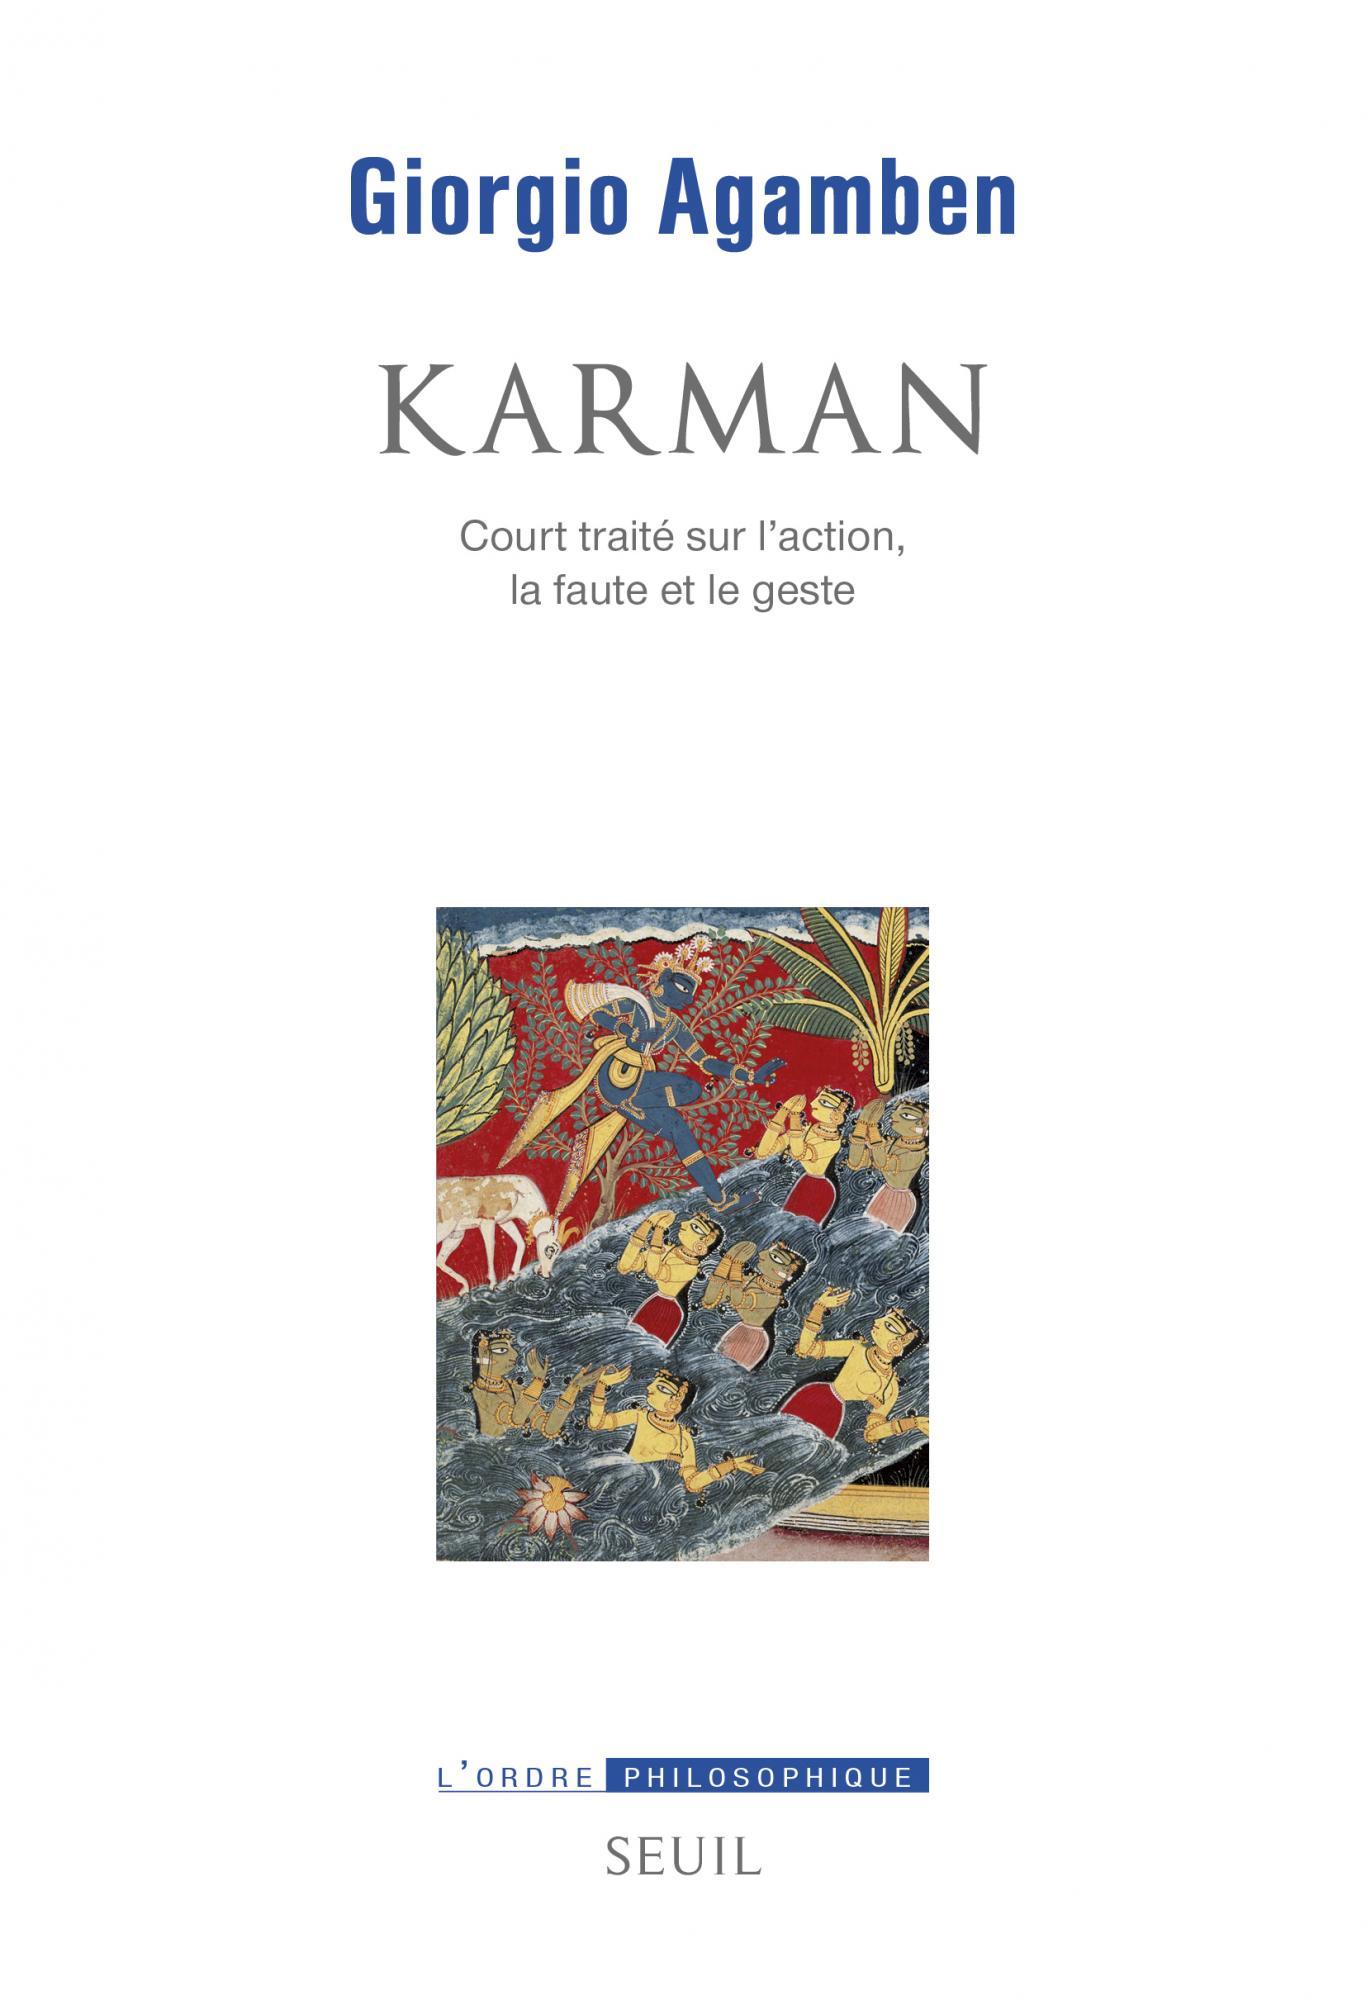 G. Agamben, Karman. Court traité sur l'action, la faute et le geste